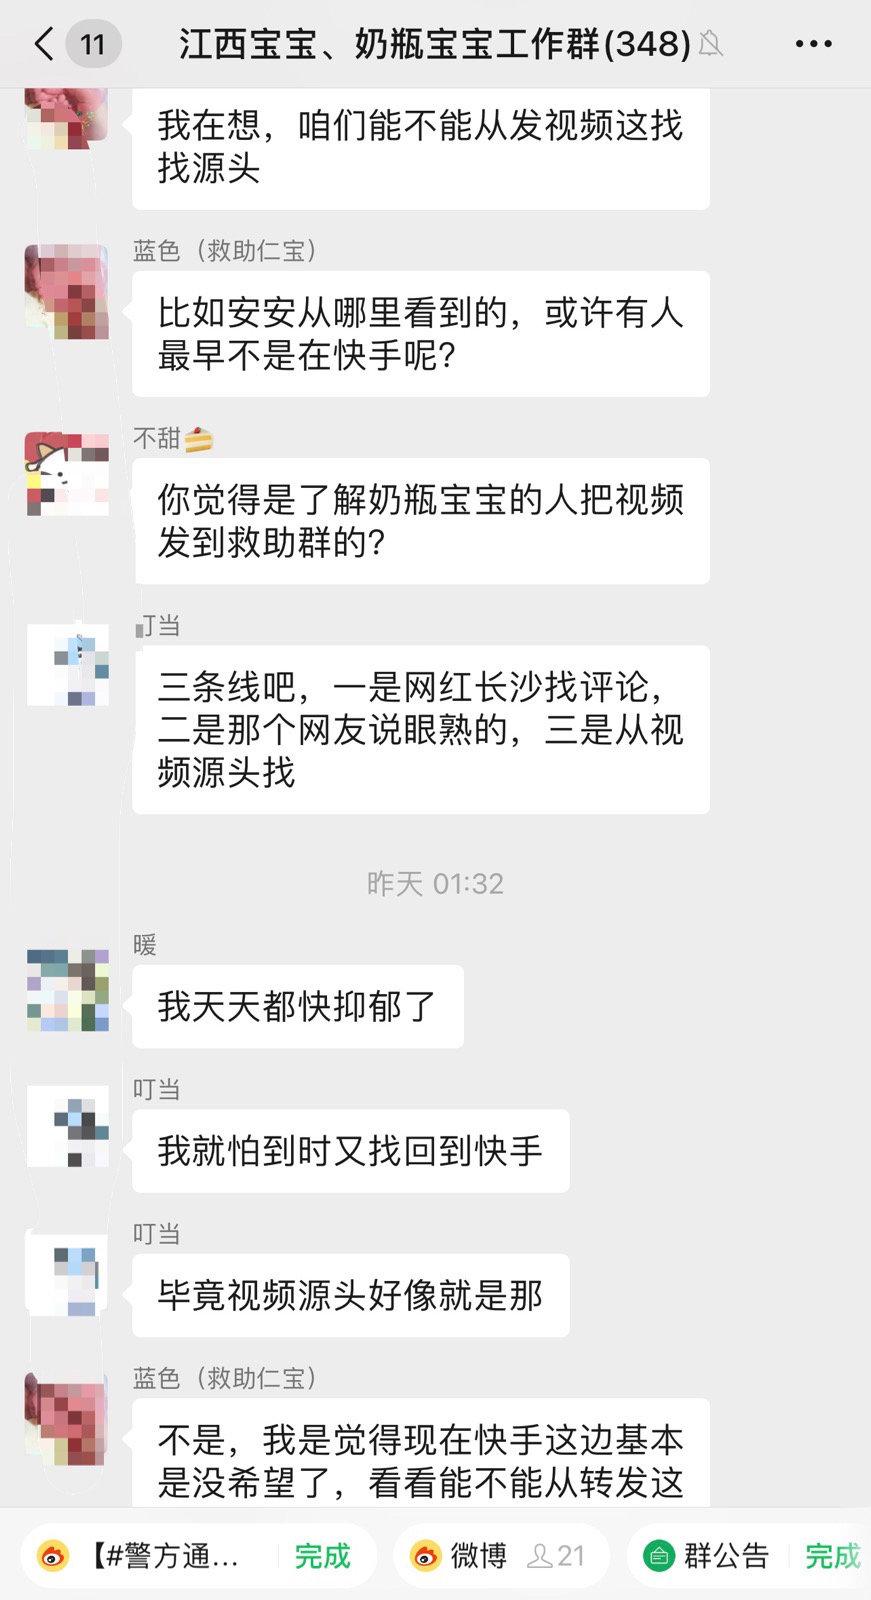 348名宝妈组团救援疑似被虐宝宝 4天发6500条微信